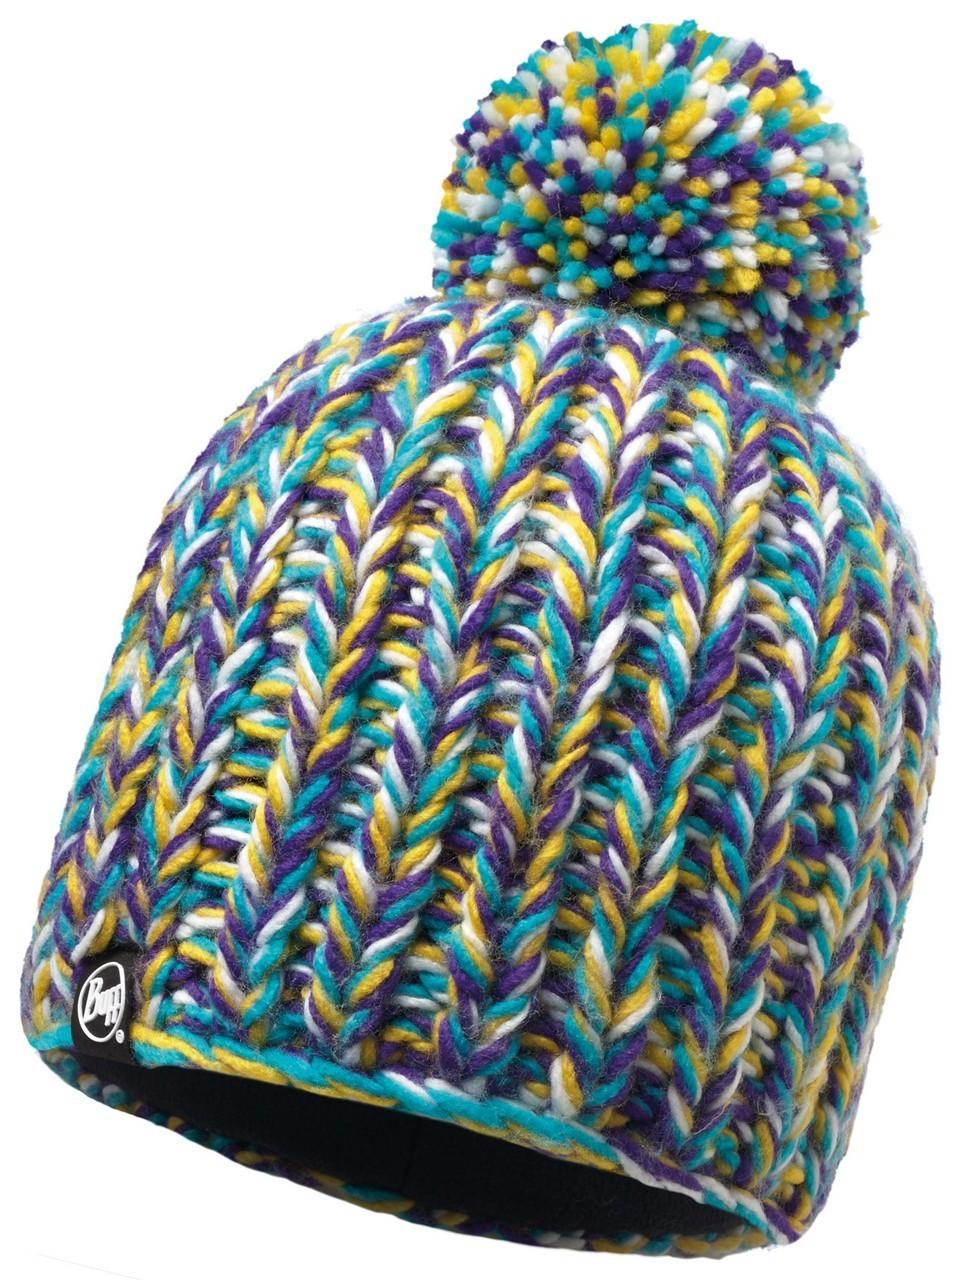 Шапки крупной вязки Вязаная шапка с флисовой подкладкой Buff Skyler Purple Raspberry 116014.620.10.00.jpg